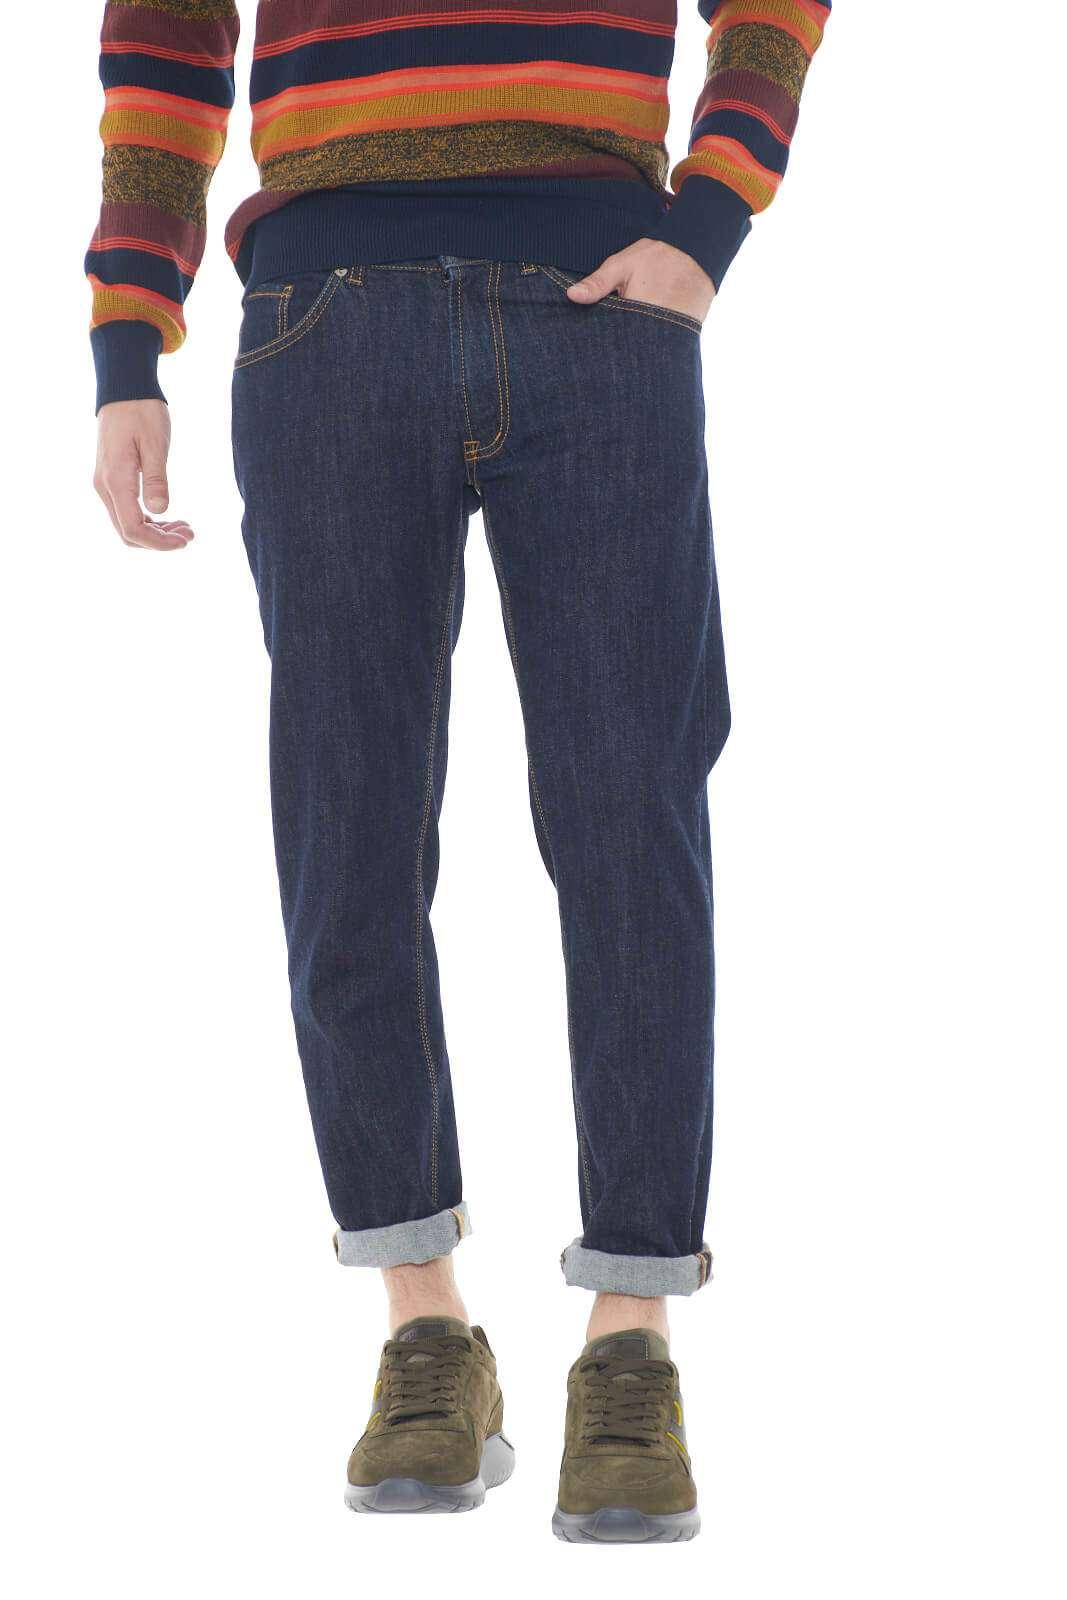 Semplice e curato il denim DAVID1000W firmato MCDenimerie. Dal look essenziale, perfetto per le occasioni quotidiane, dove abbinato ad un semplice maglione, ti consentirà di sfoggiare un outfit alla moda.  Il modello è alto 1,80m e indossa la taglia 32.